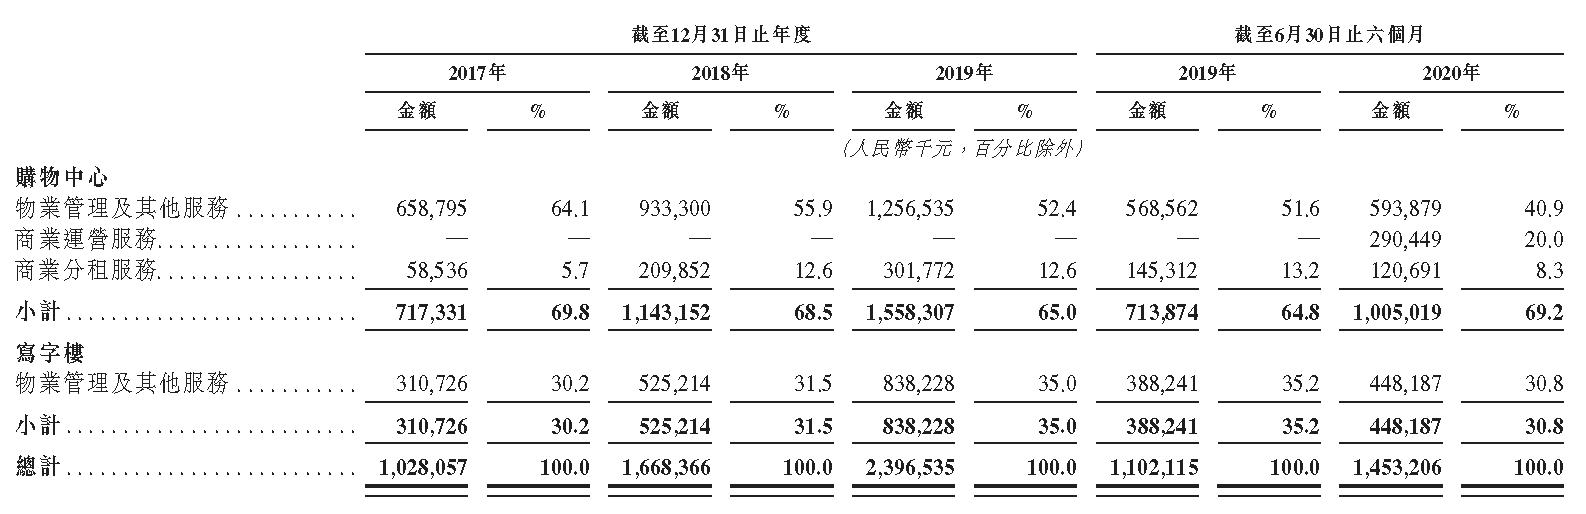 IPO视界|华润万象生活:商业IP重塑发展格局 内外协同未来可期-中国网地产